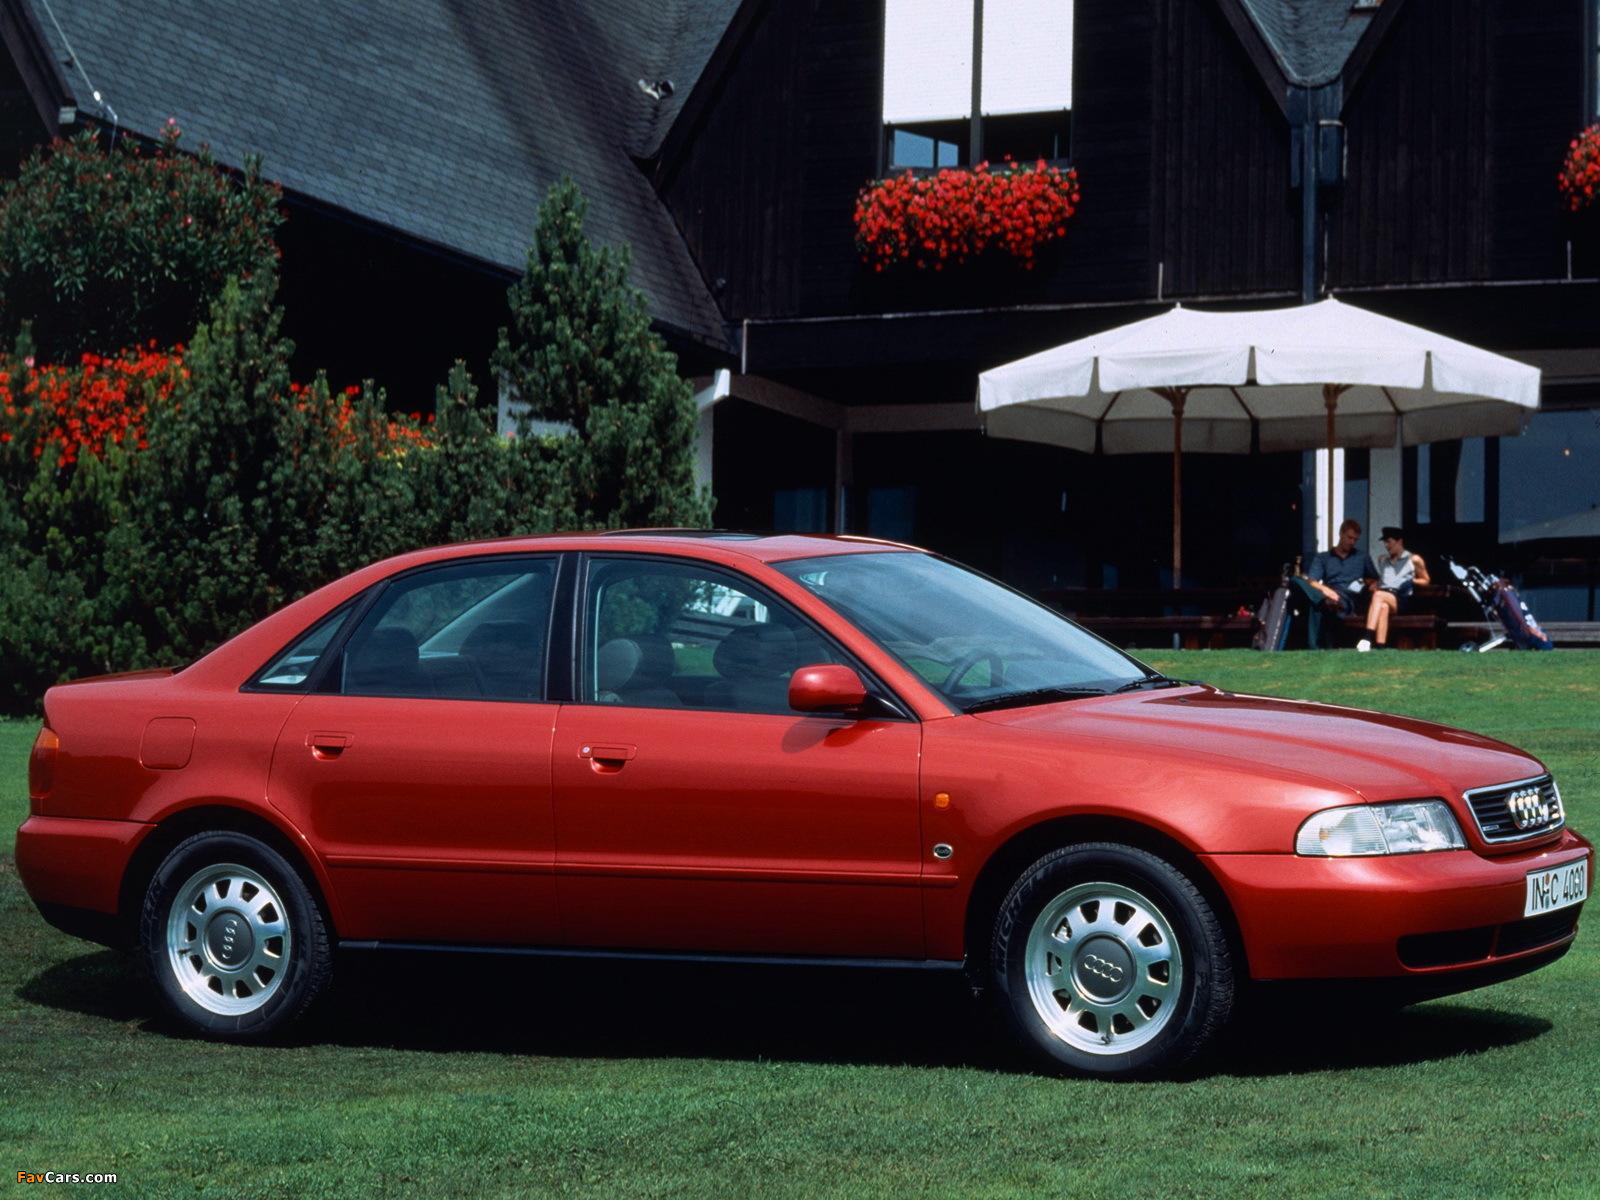 Kelebihan Kekurangan Audi A4 1997 Spesifikasi